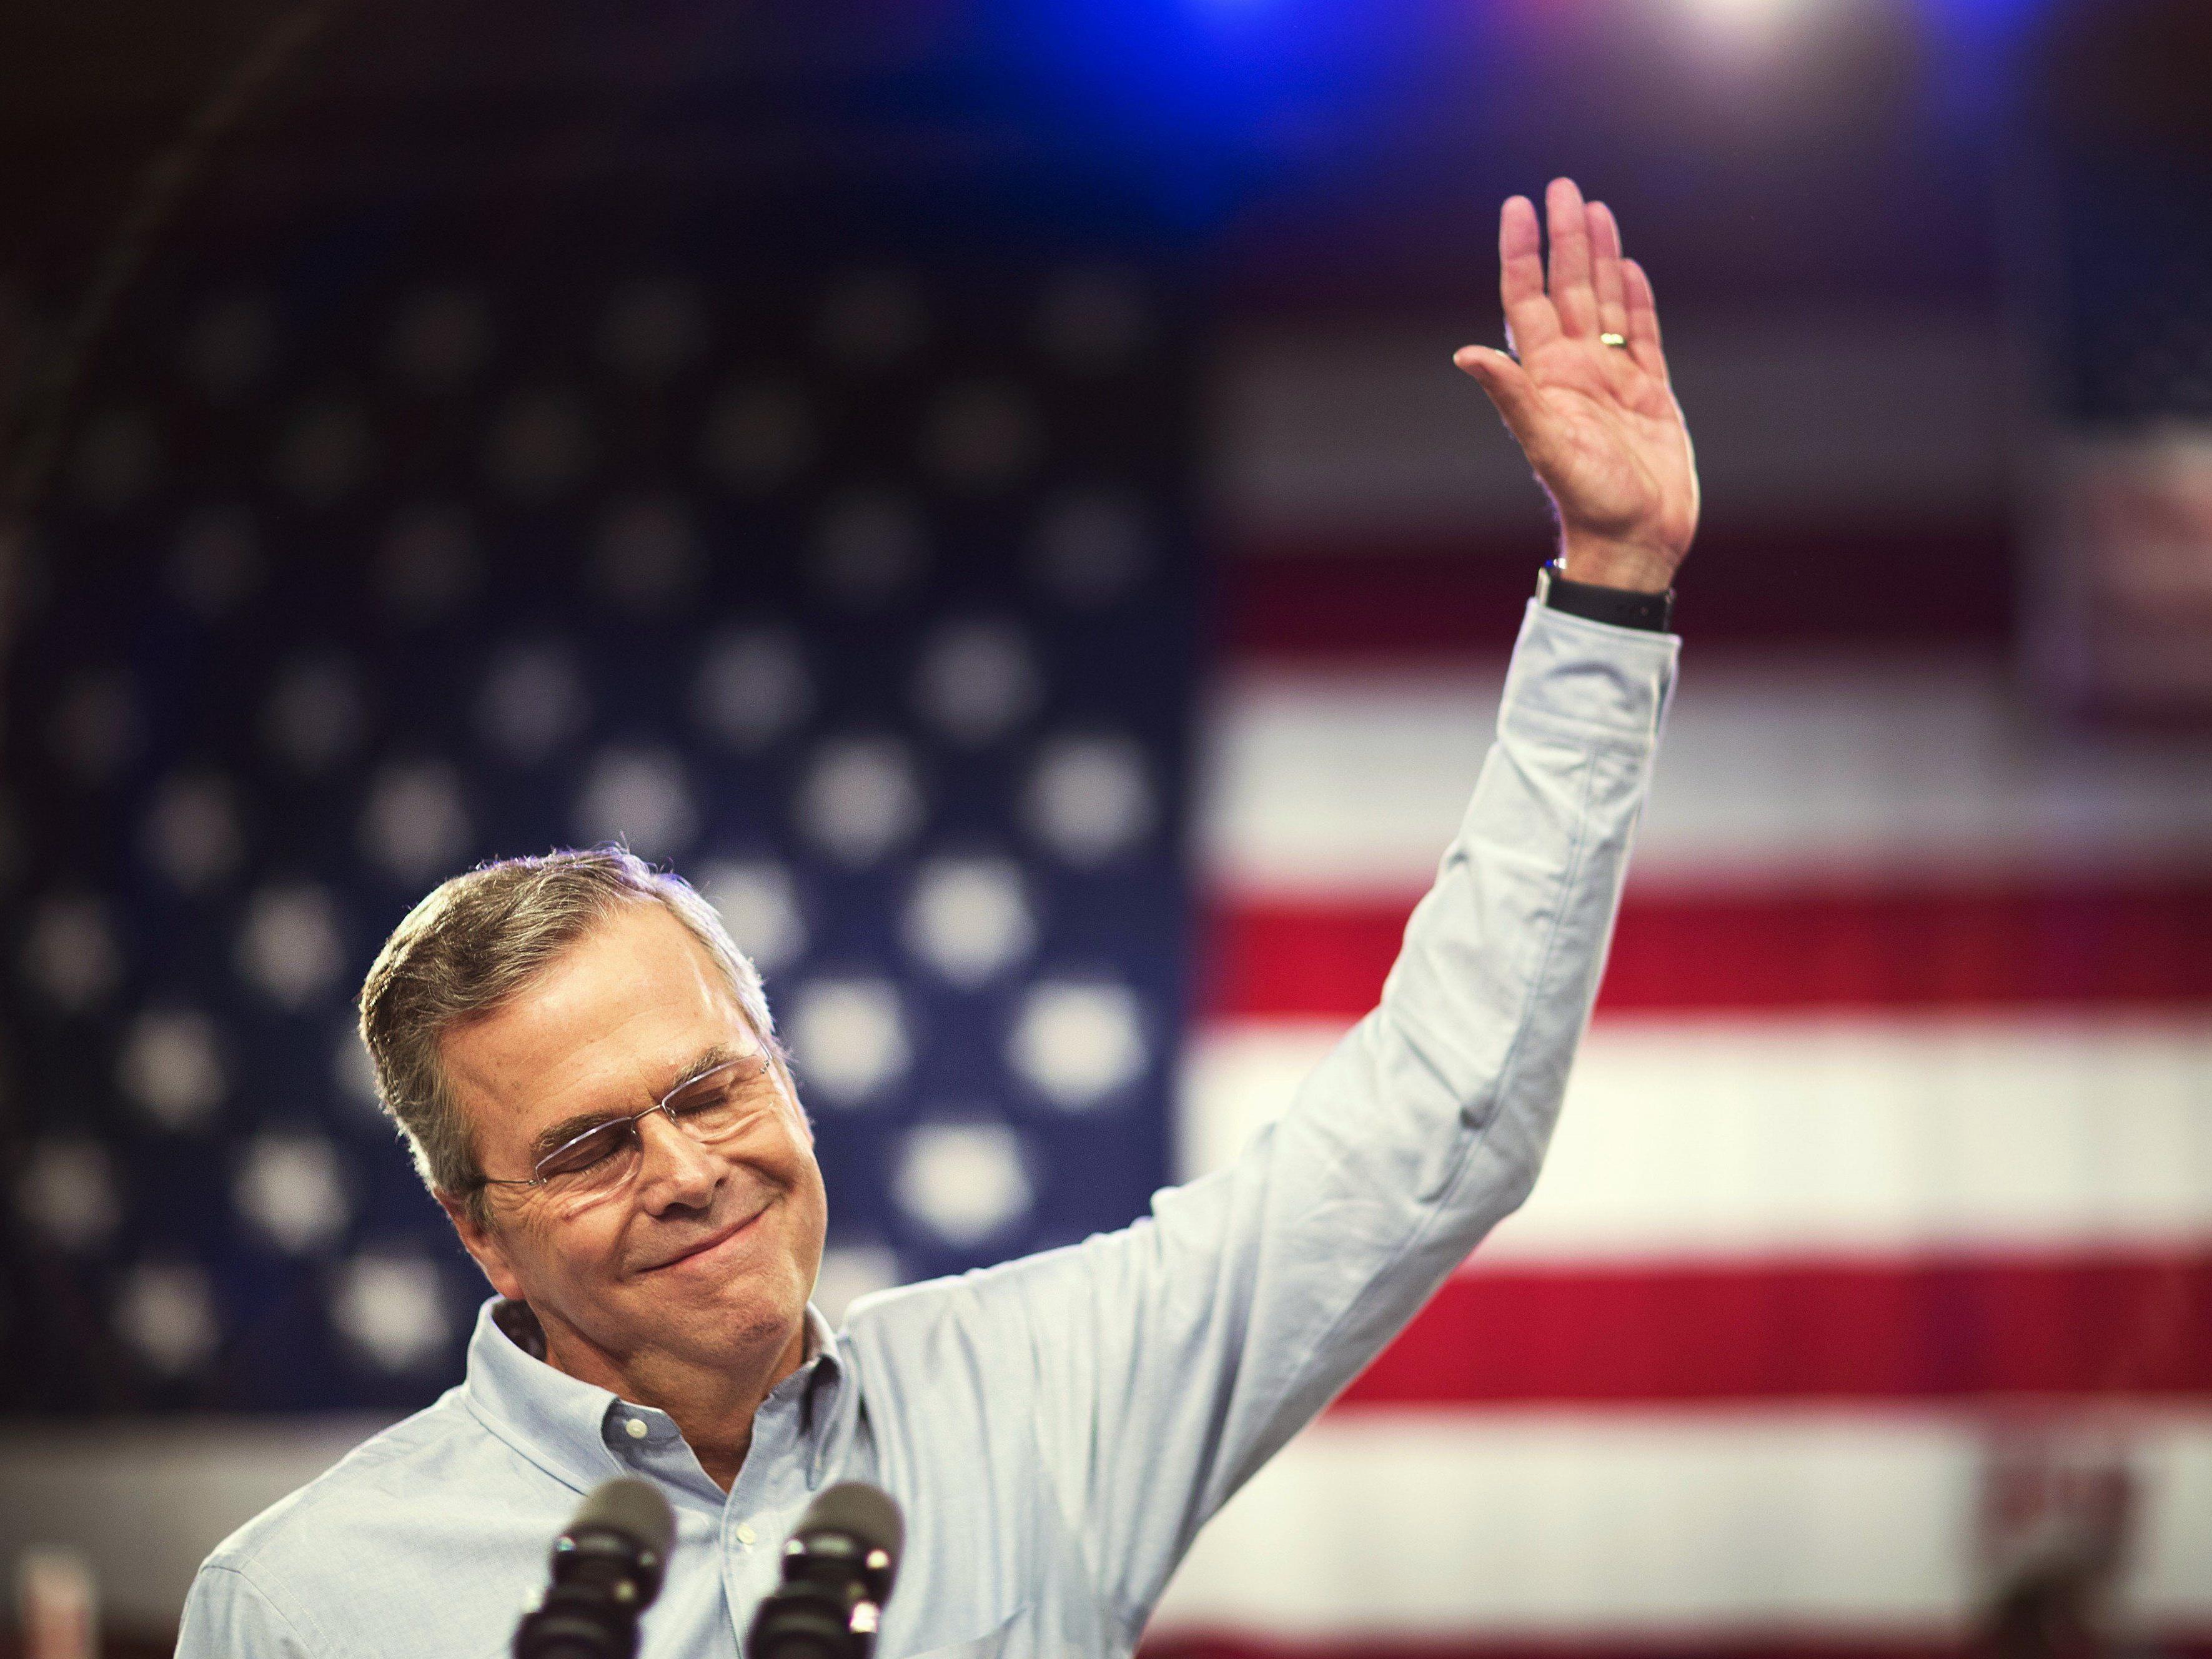 Er will's machen: Jeb Bush kandidiert als dritter der Bush-Dynastie für das Amt des US-Präsidenten.